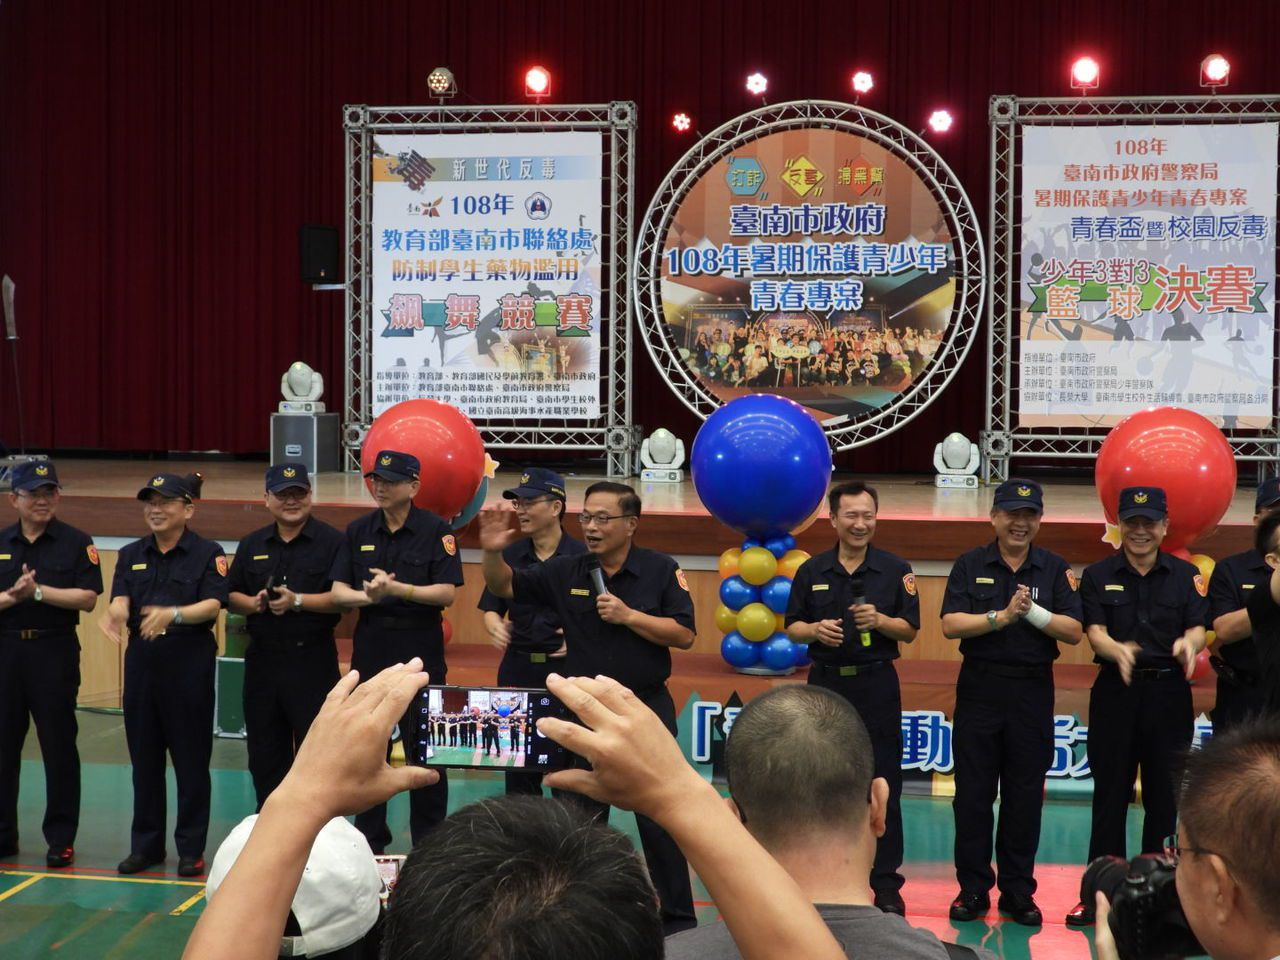 台南市警察局長黃宗仁率領全市各分局分局長為球員與觀眾高歌。記者周宗禎/攝影